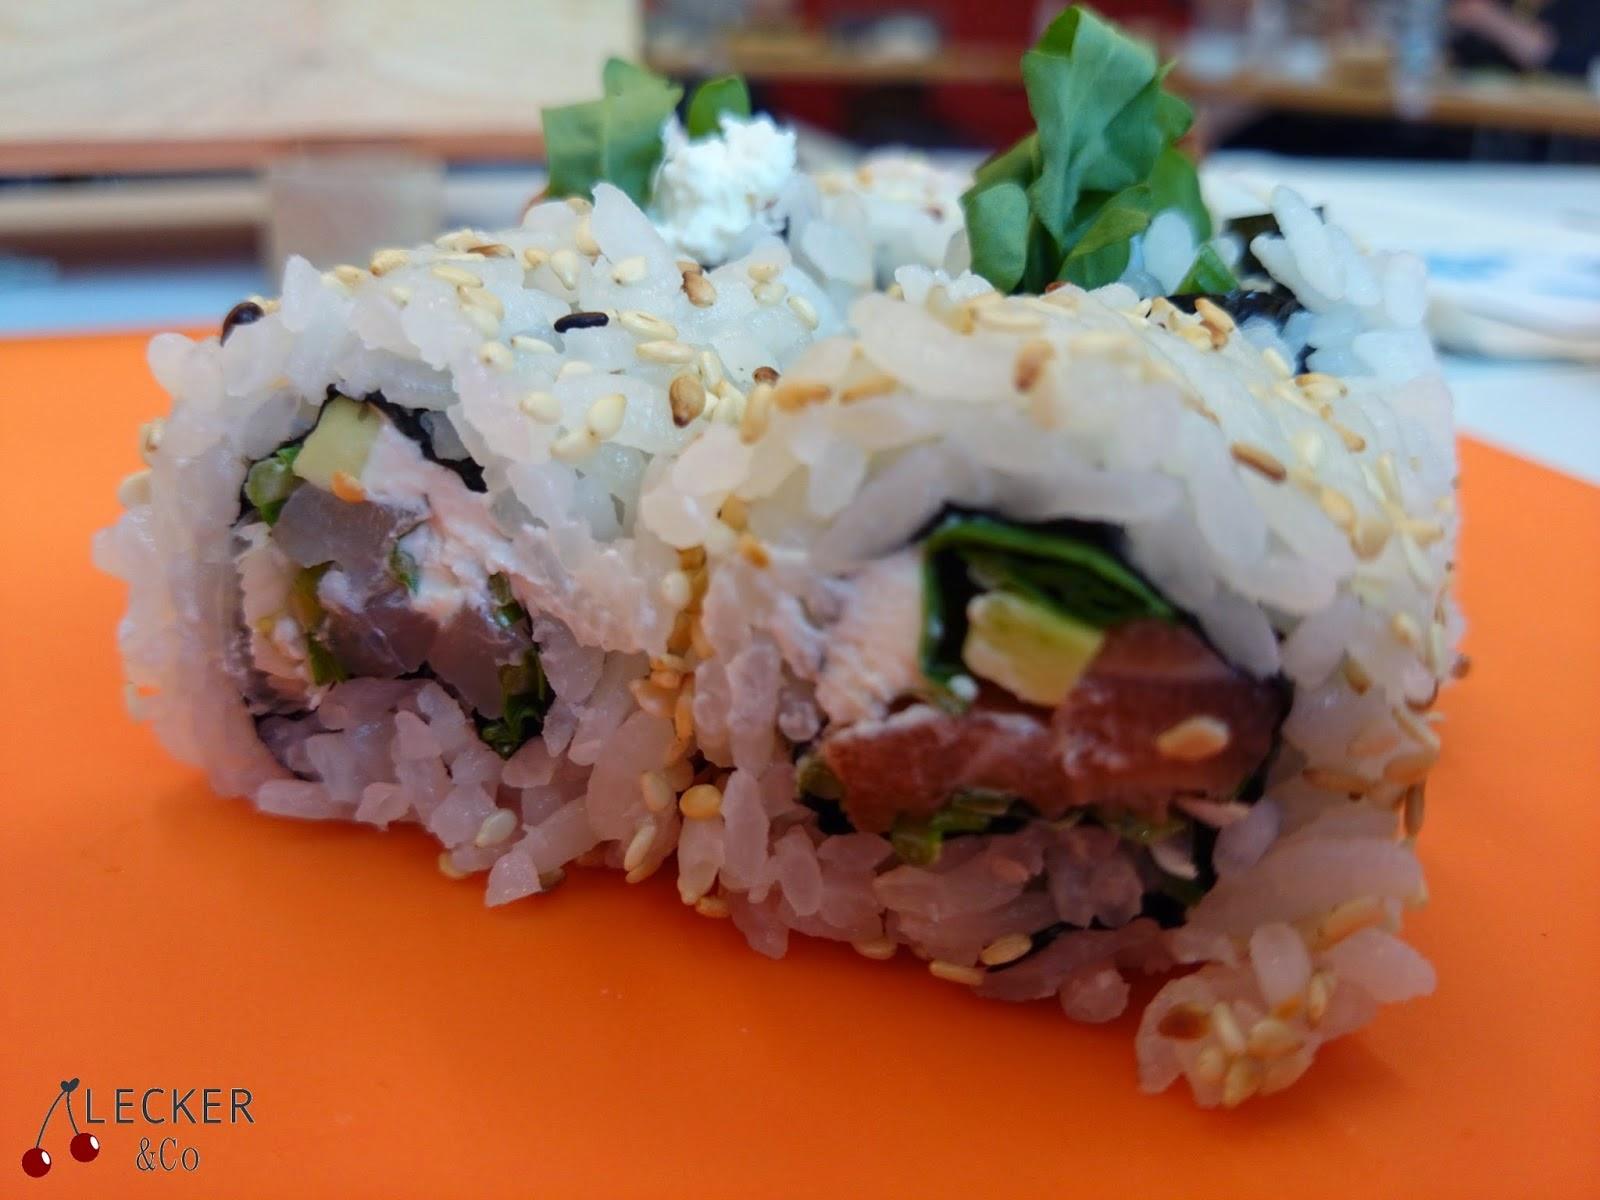 Sushi, MAki, Nigiri, Temaki, Reis, Fisch, Lachs, Gurke, Avocado, Rucola, Mango, frisch